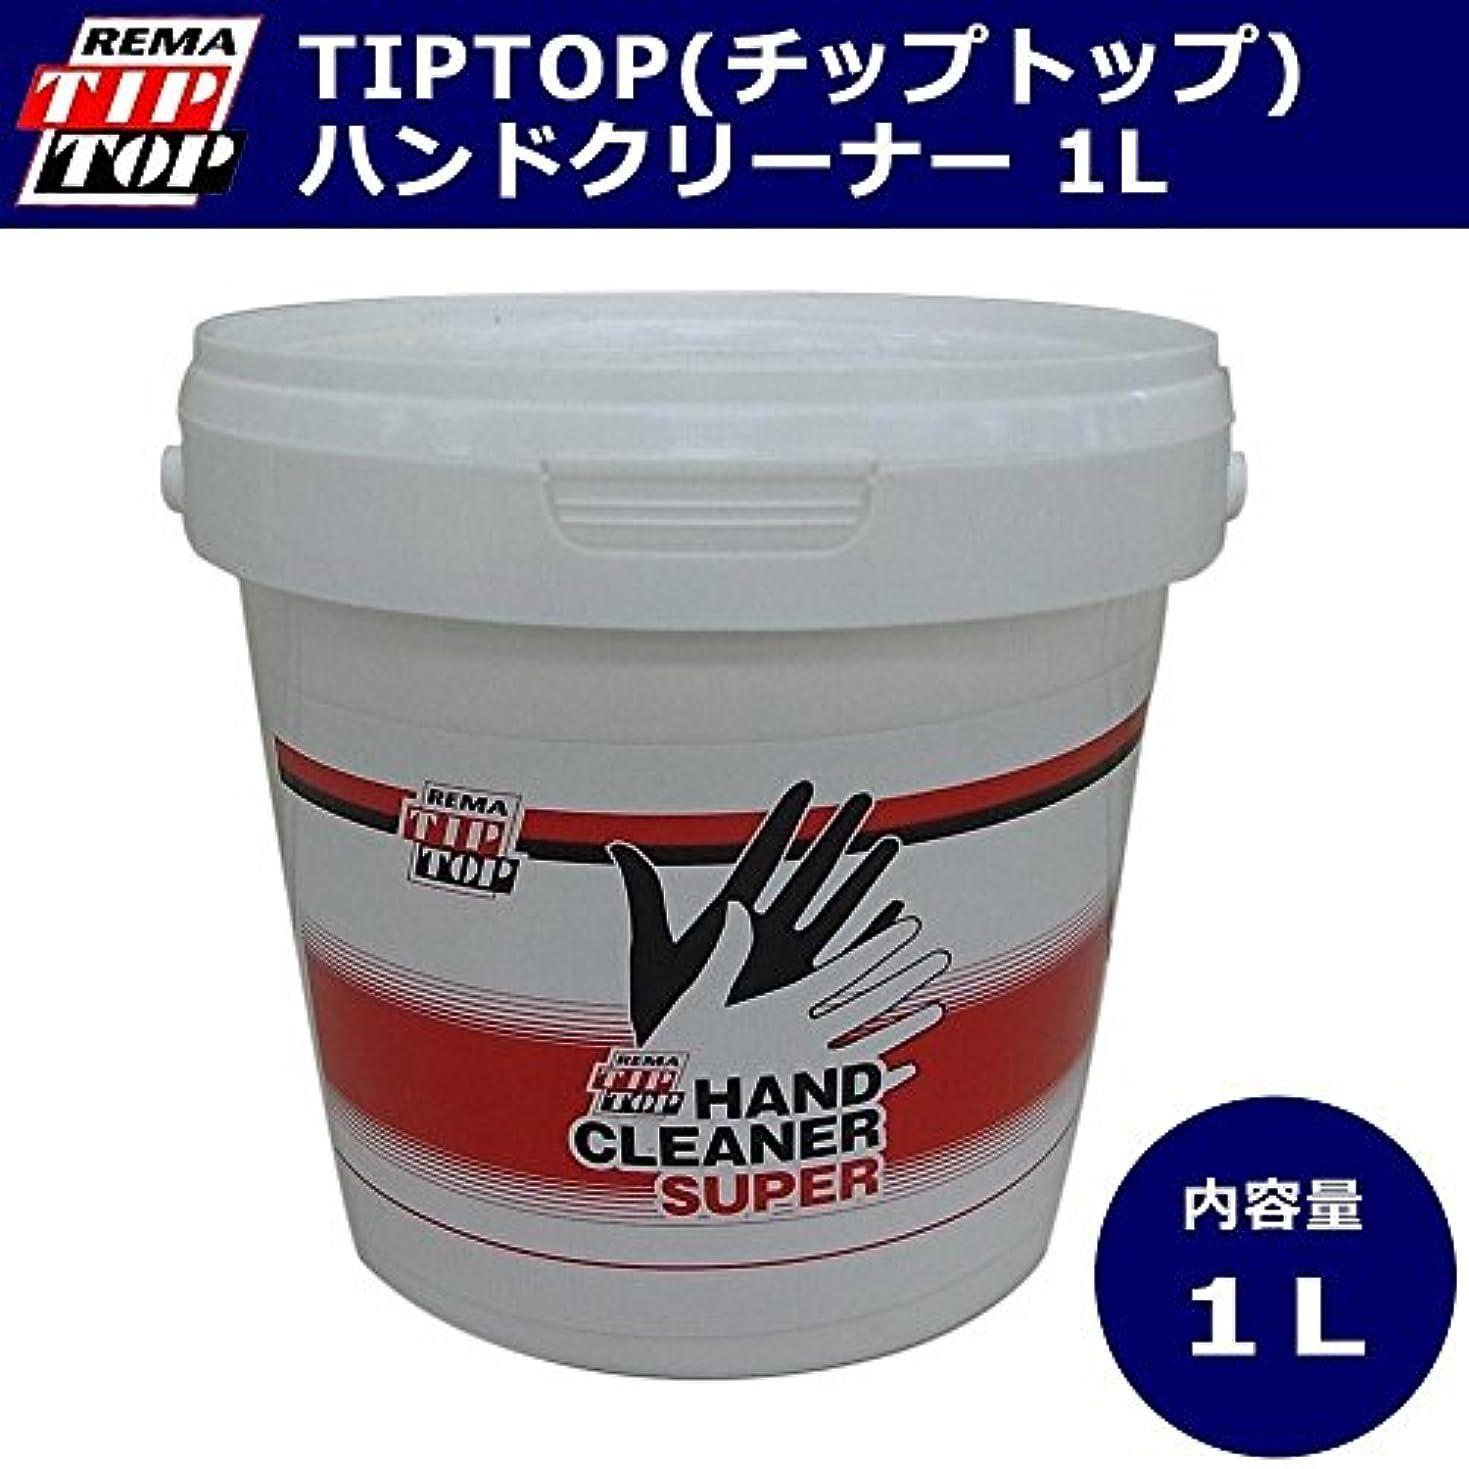 氏仲良し思いつくTIPTOP(チップトップ) ハンドクリーナー 1L H-051